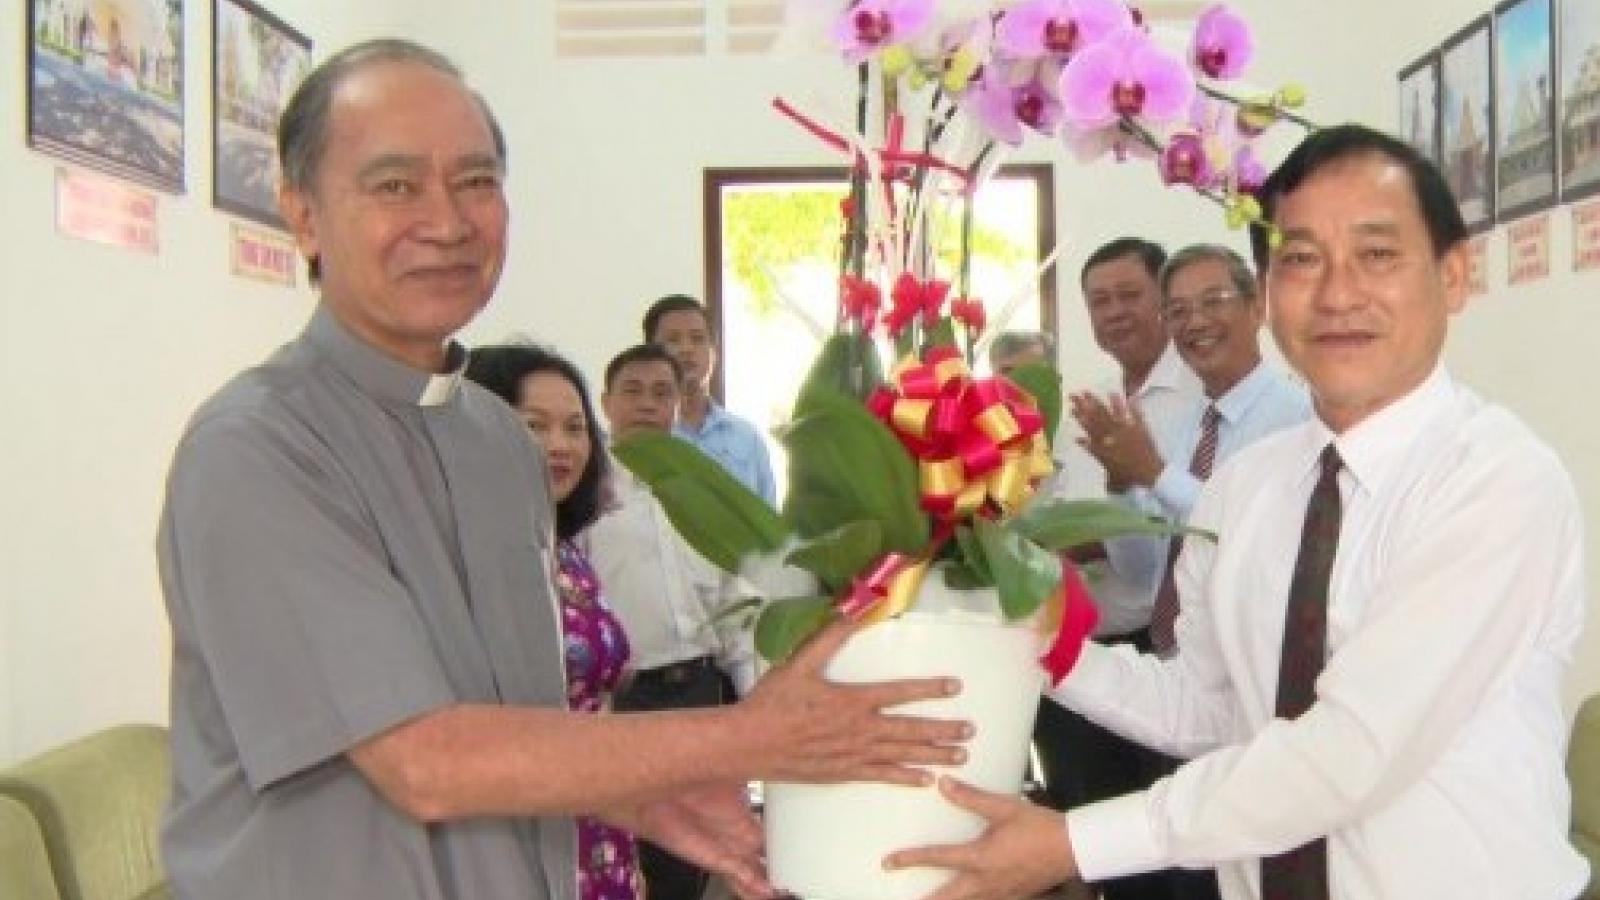 Lãnh đạo tỉnh Tiền Giang chúc mừng Giáng sinh tại các tổ chức Công giáo, Tin Lành